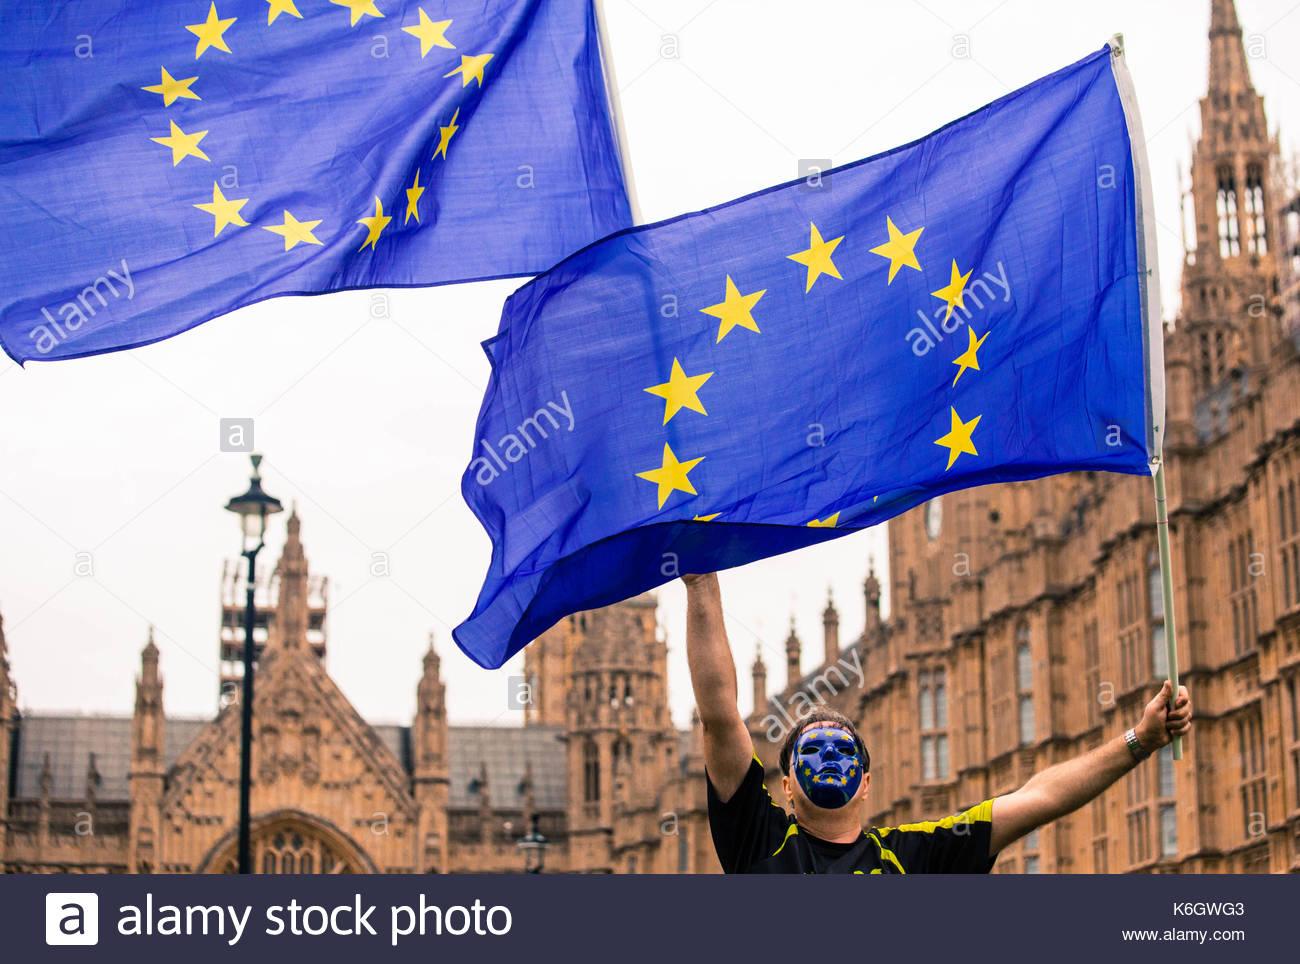 Ein pro-EU-anti-Brexit Demonstrant Wellen EU-Flaggen in der Luft an der Westminster während eines Protestes gegen die erste Lesung von der Rücknahme Rechnung. Stockbild